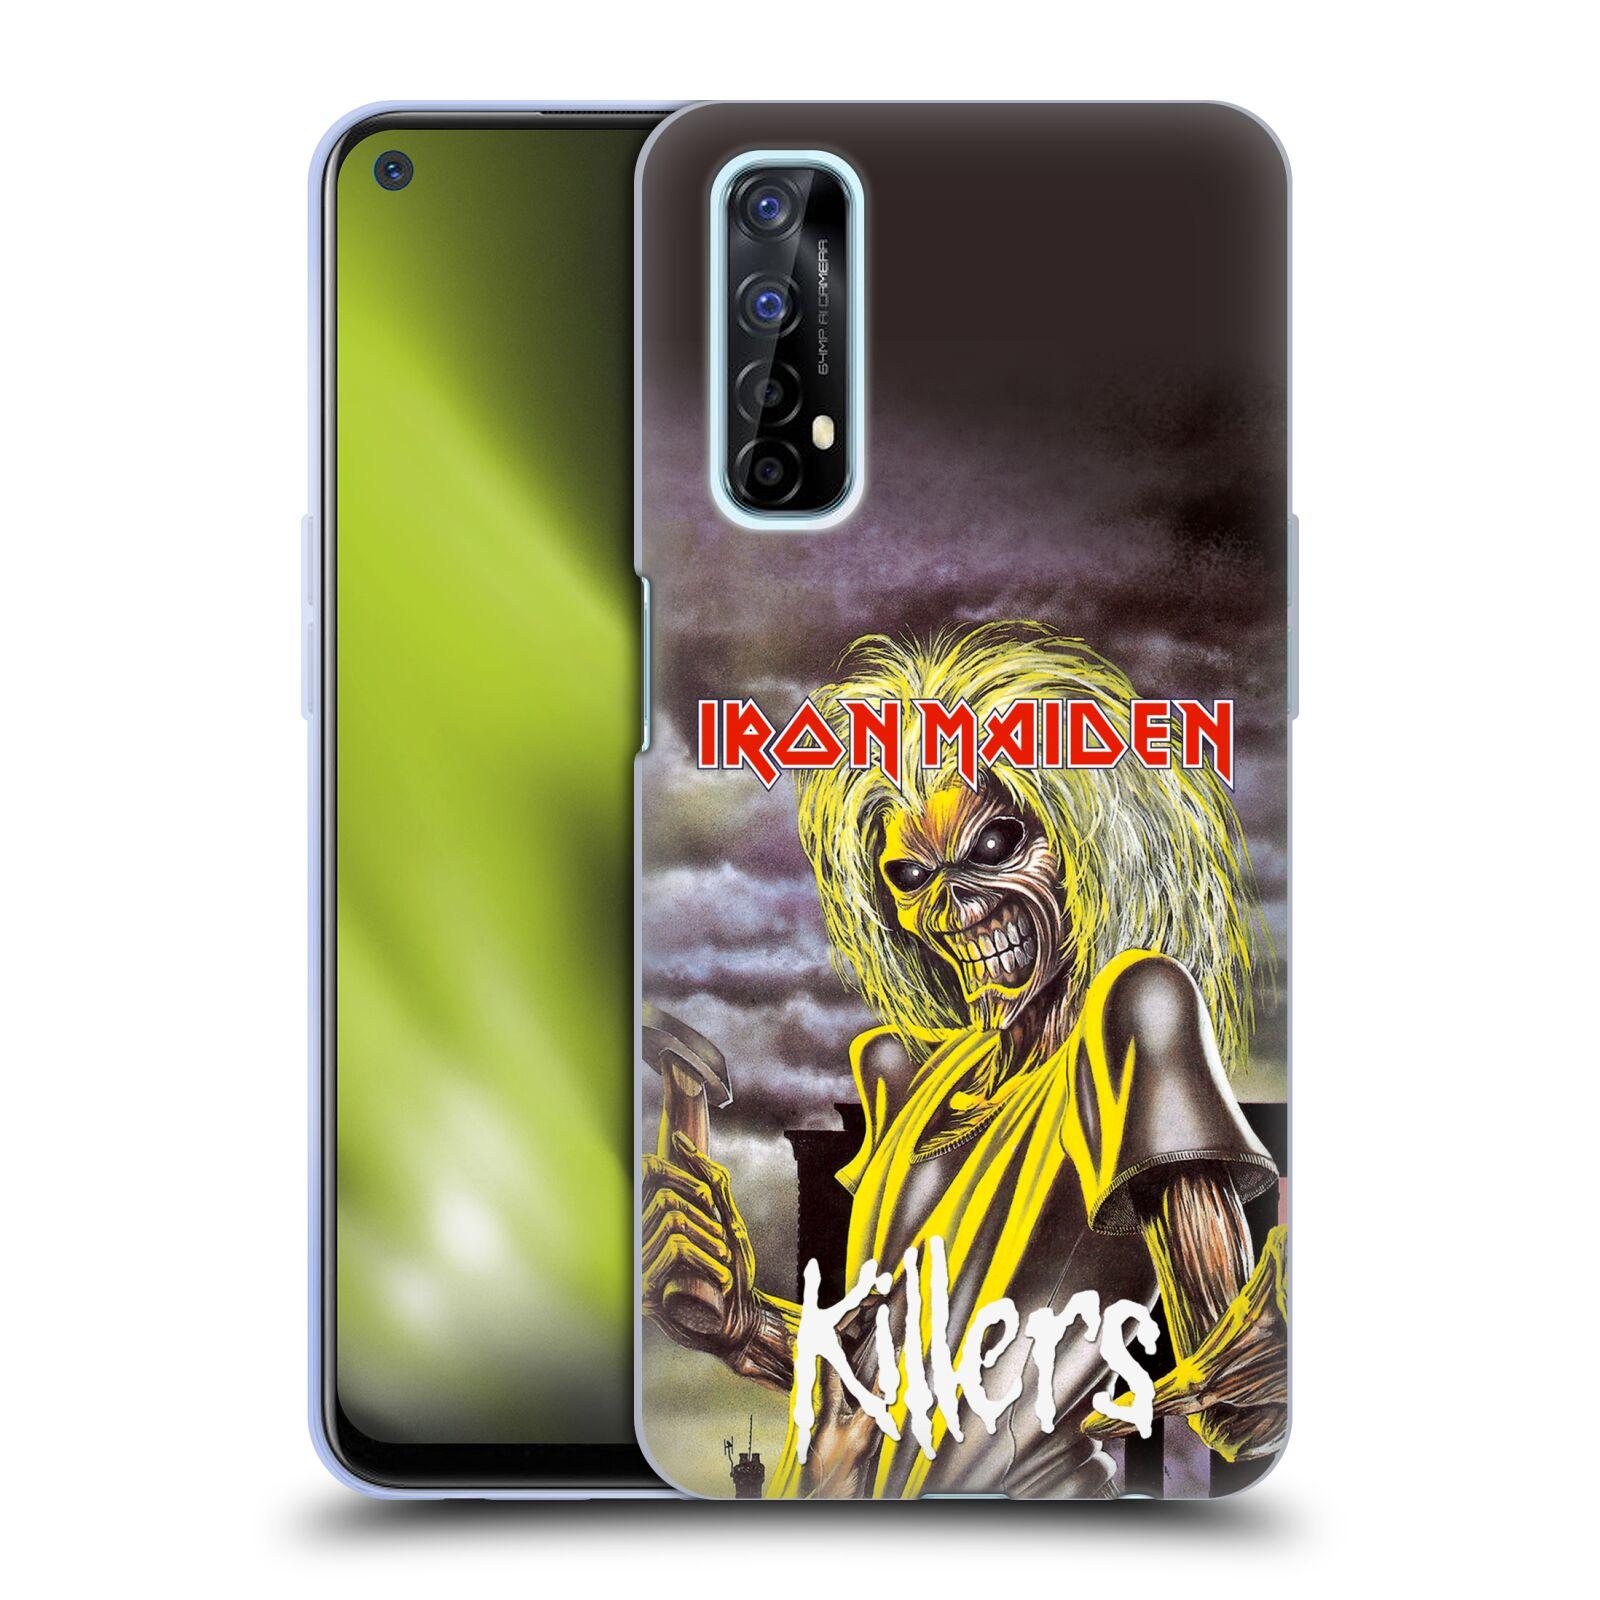 Silikonové pouzdro na mobil Realme 7 - Head Case - Iron Maiden - Killers